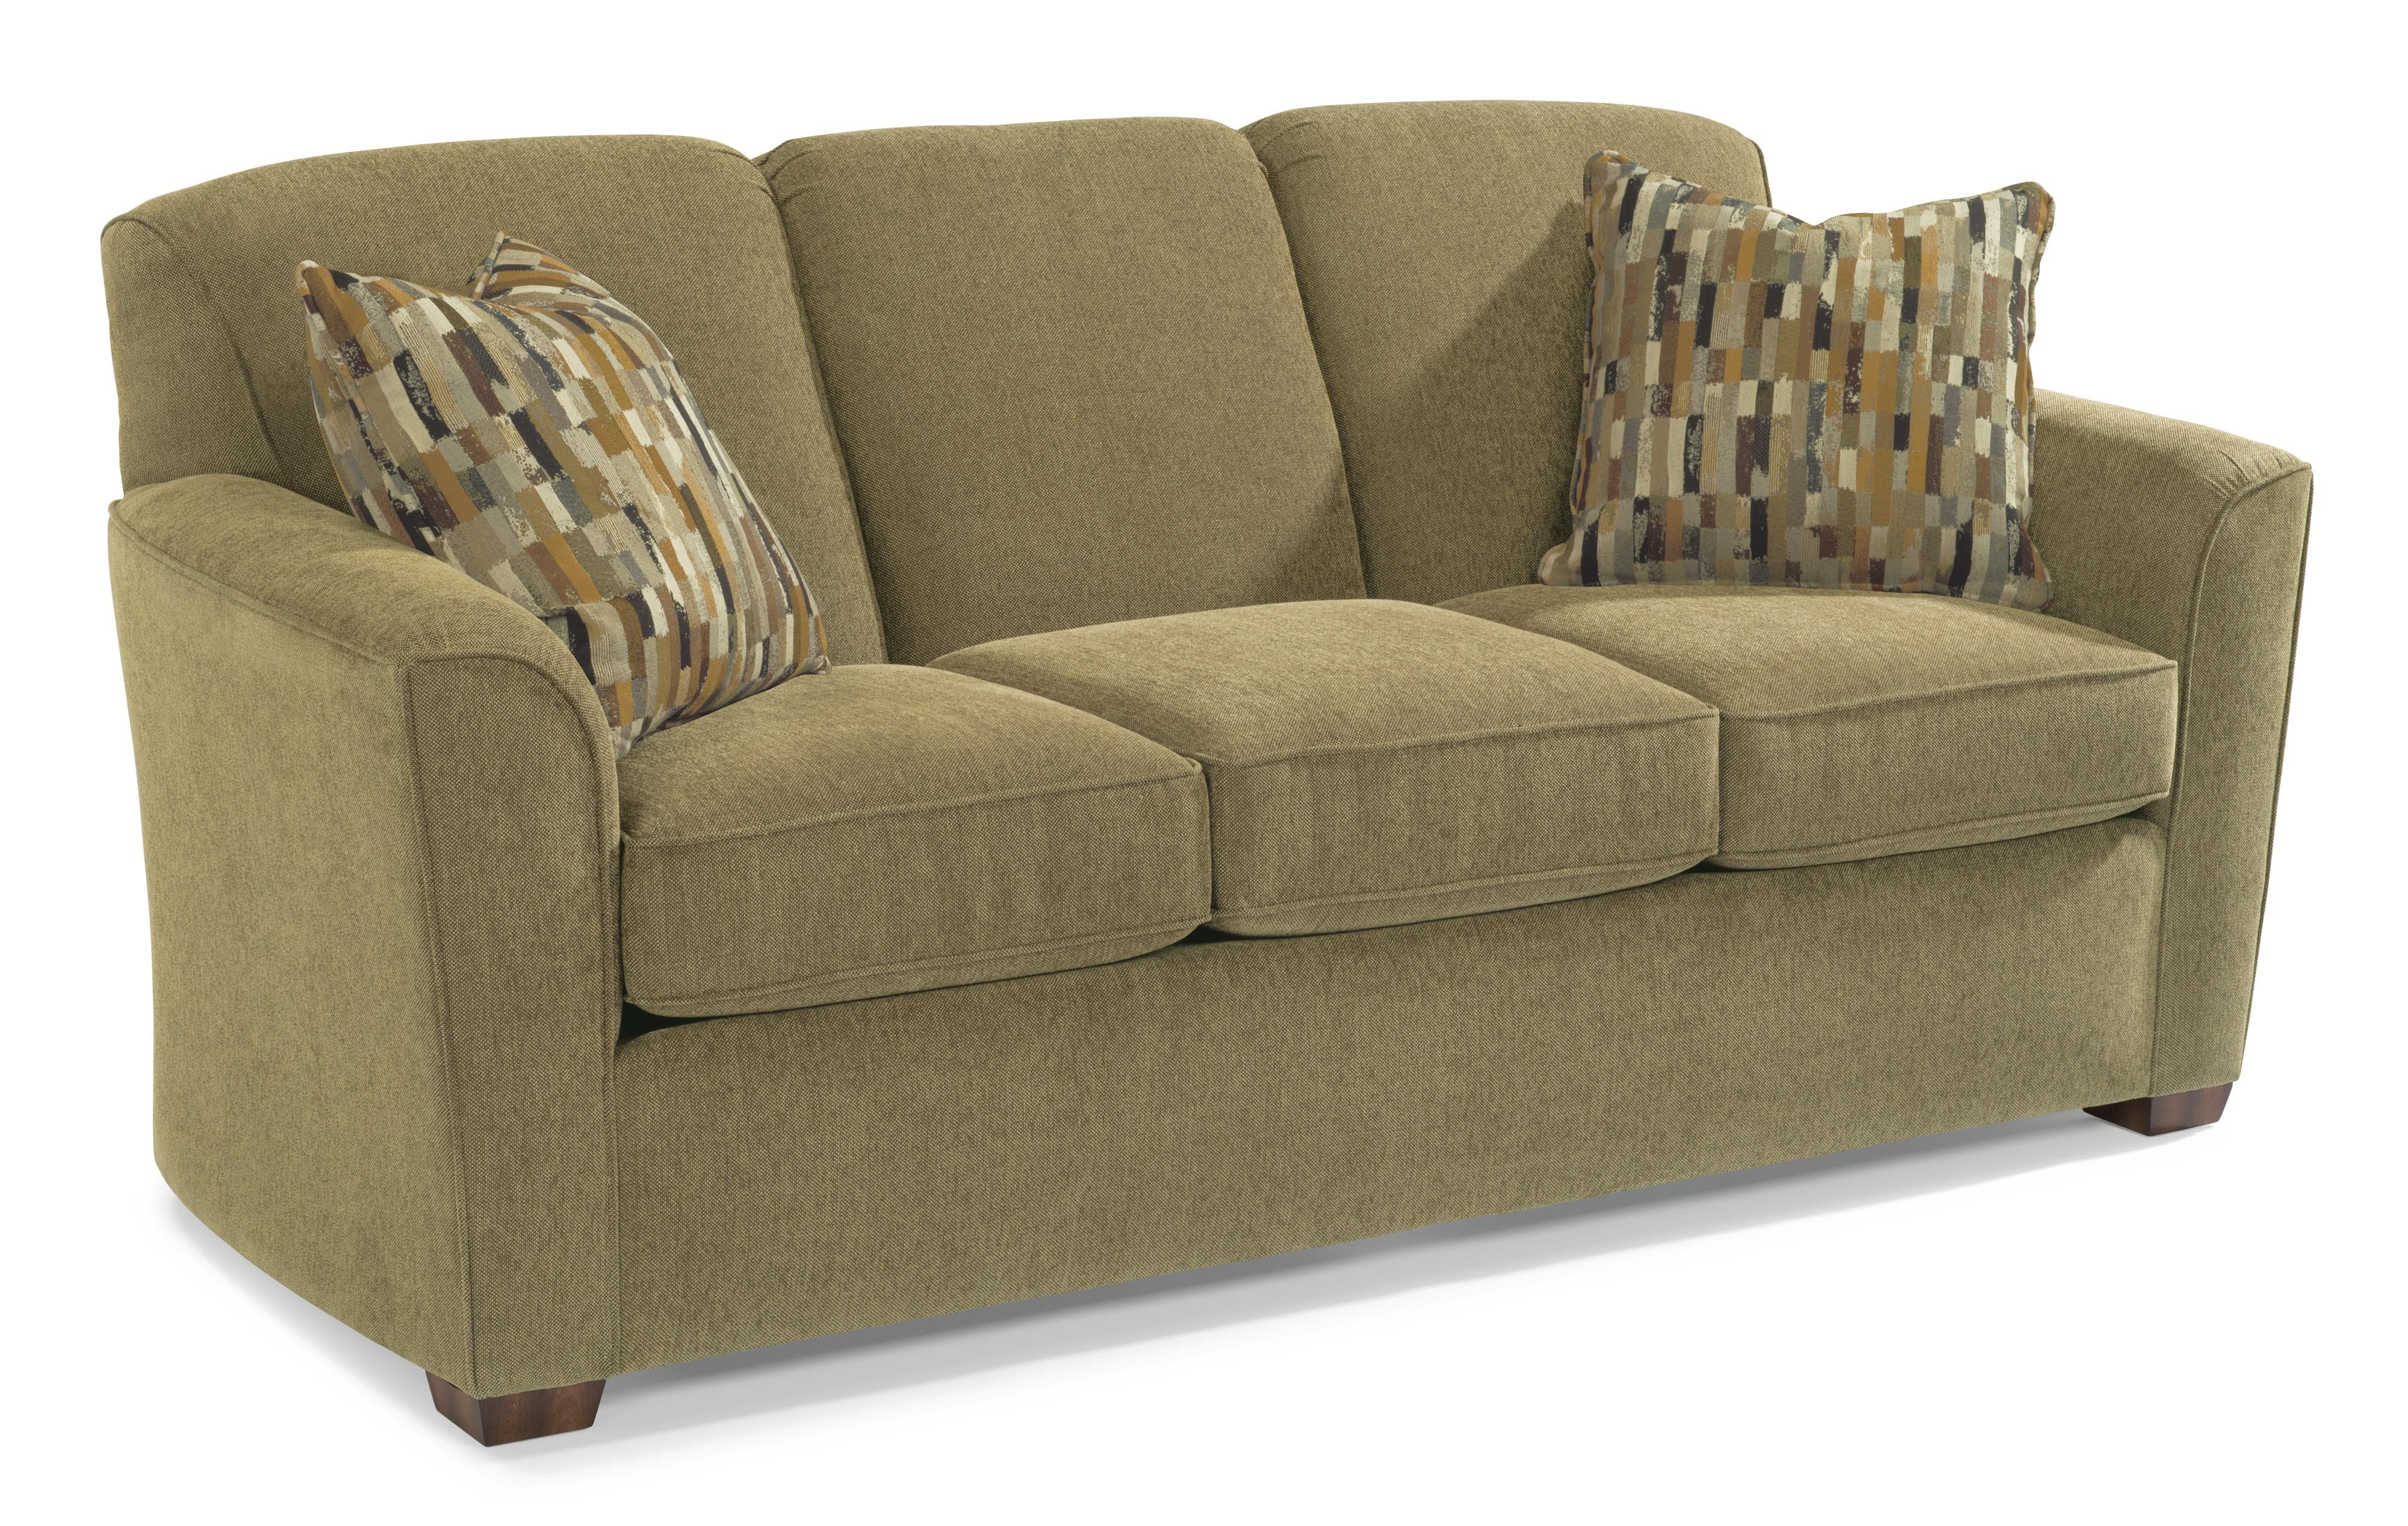 Lakewood Queen Sleeper Sofa By Flexsteel Flexsteel